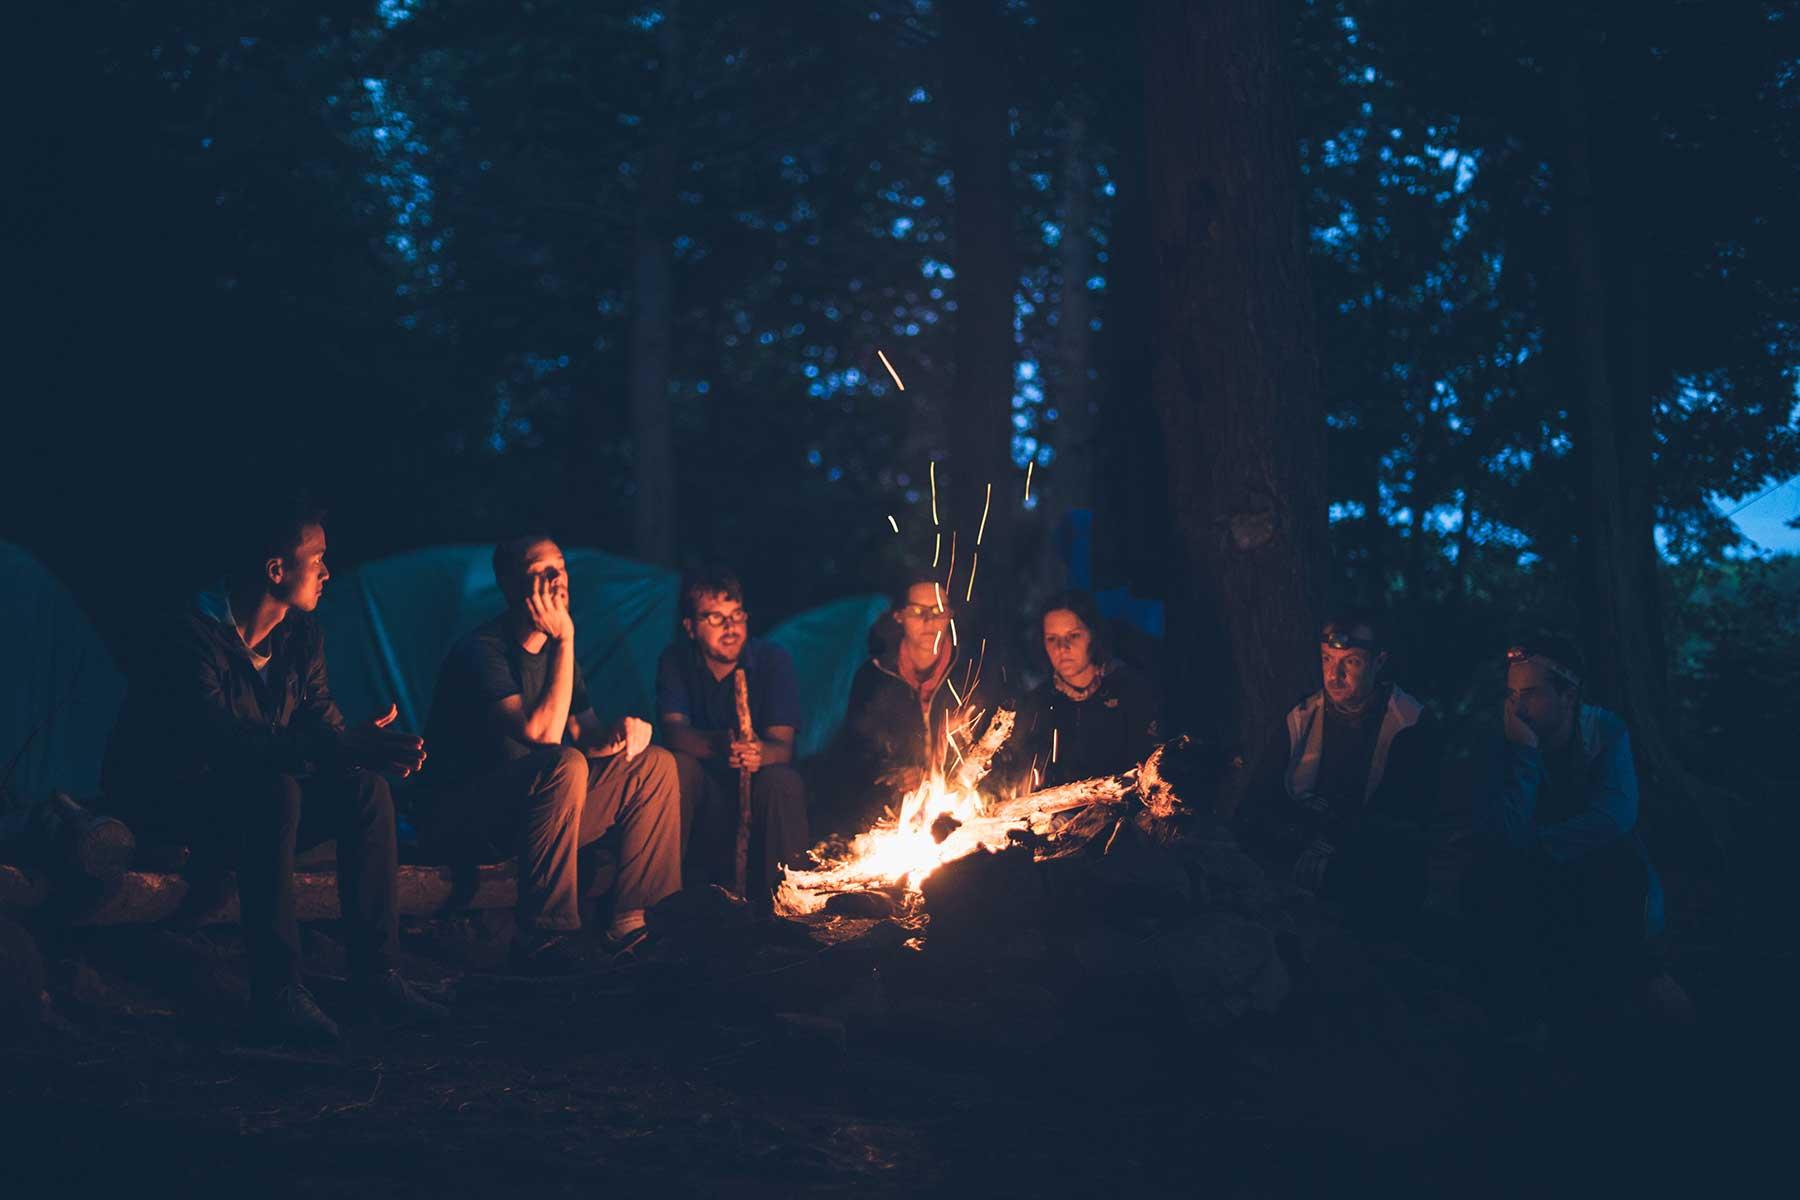 HW_whoweare_campfire.jpg